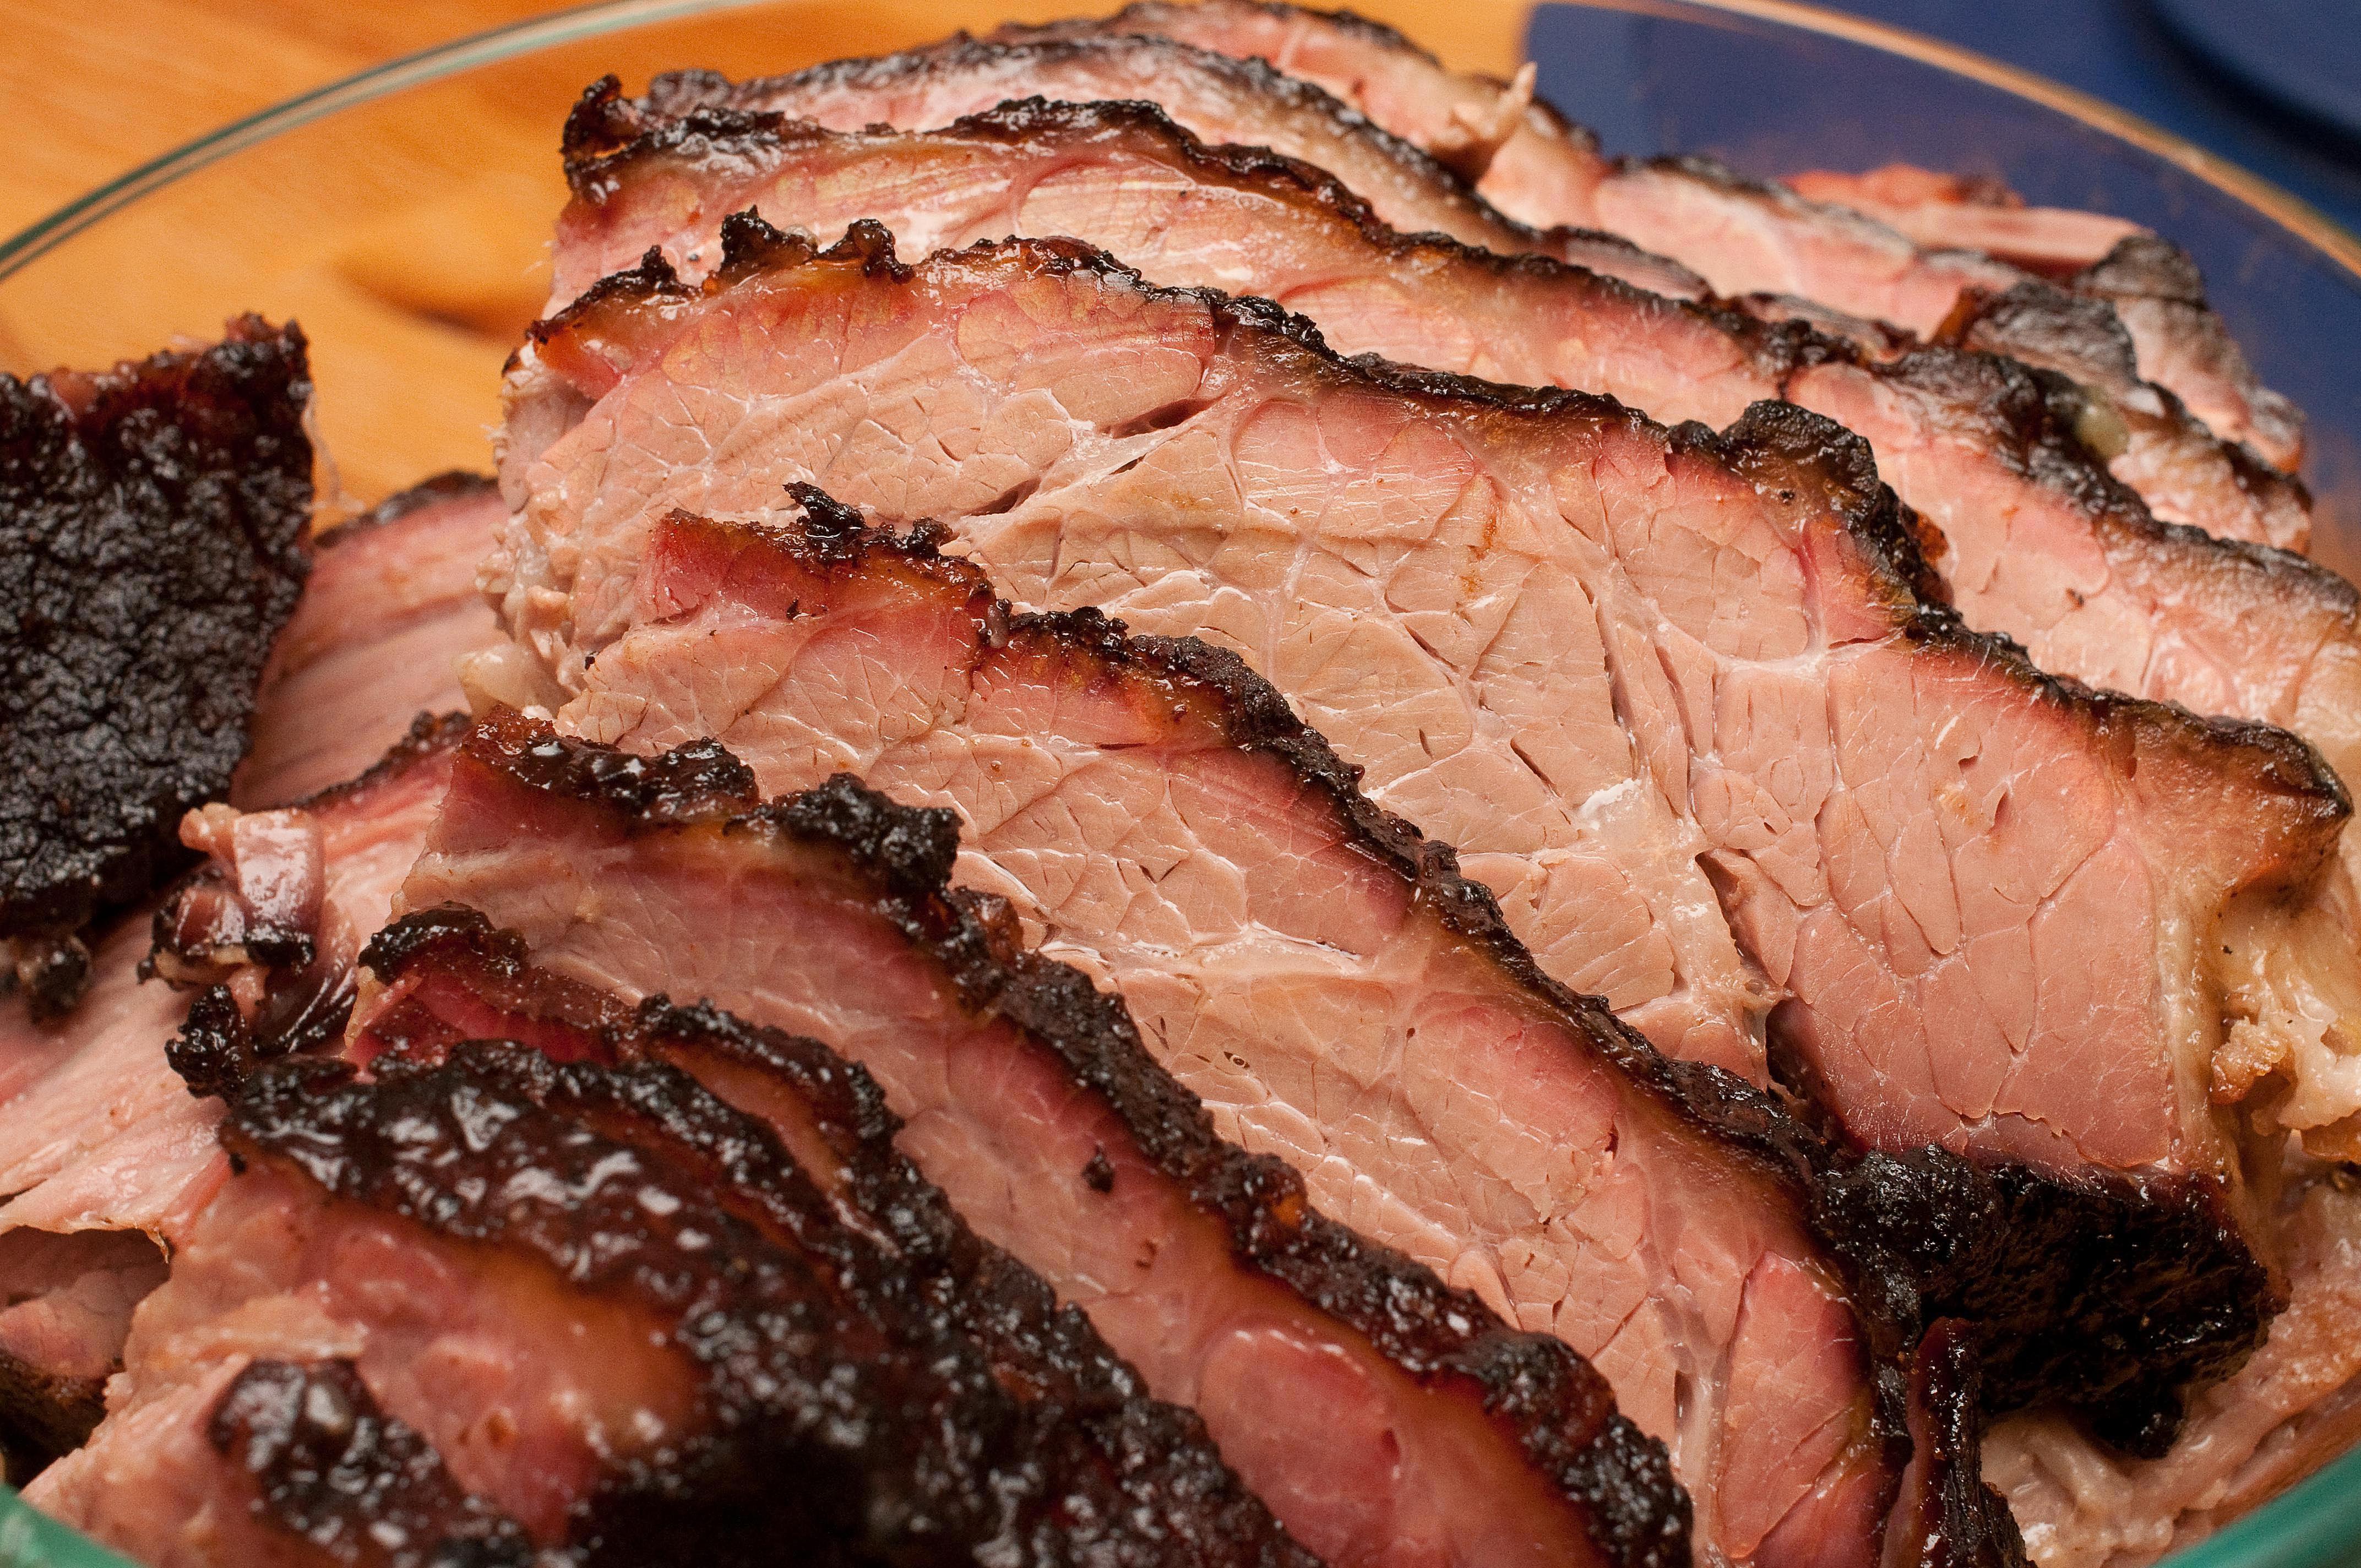 Texas Style Smoked Brisket Recipe